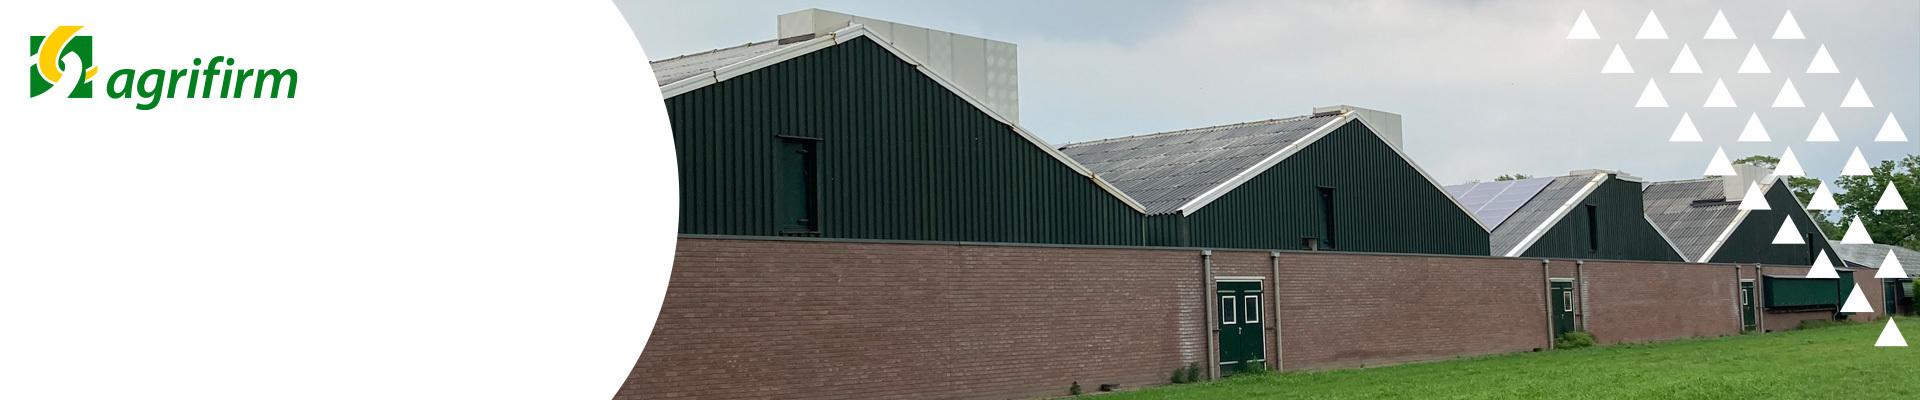 Luchtwassertraining Limburg (Exlan Advies)